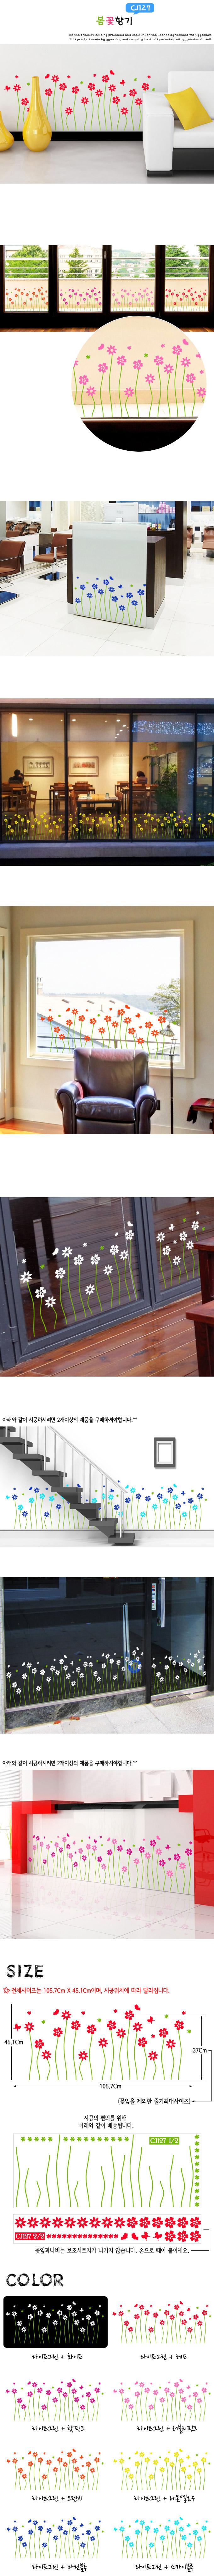 cj127-봄꽃향기_그래픽스티커 - 꾸밈, 22,400원, 월데코스티커, 플라워/가든